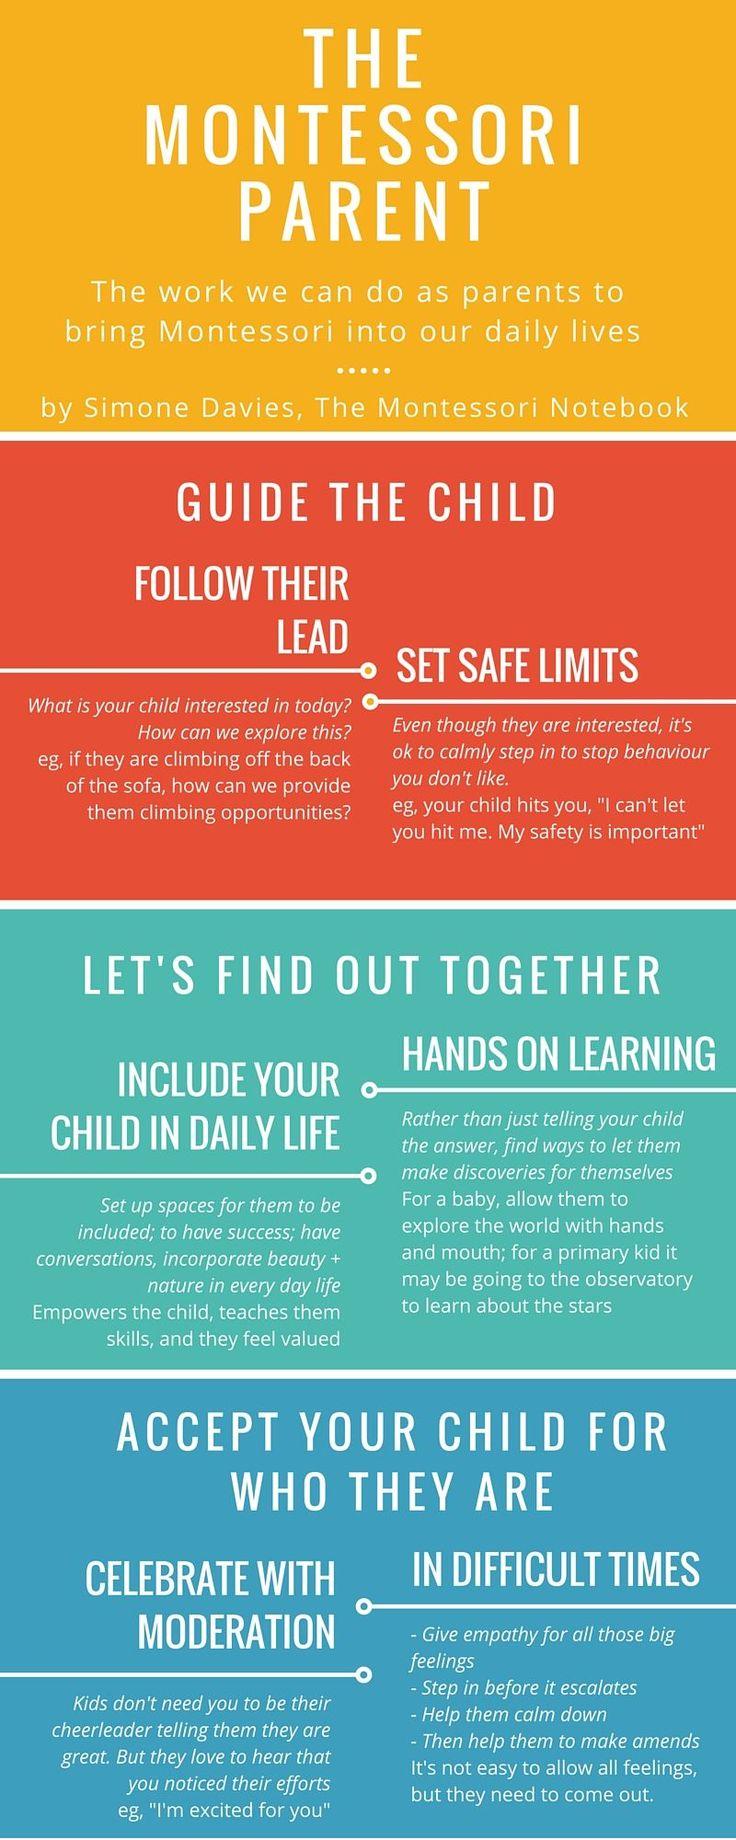 The Montessori Parent (1)